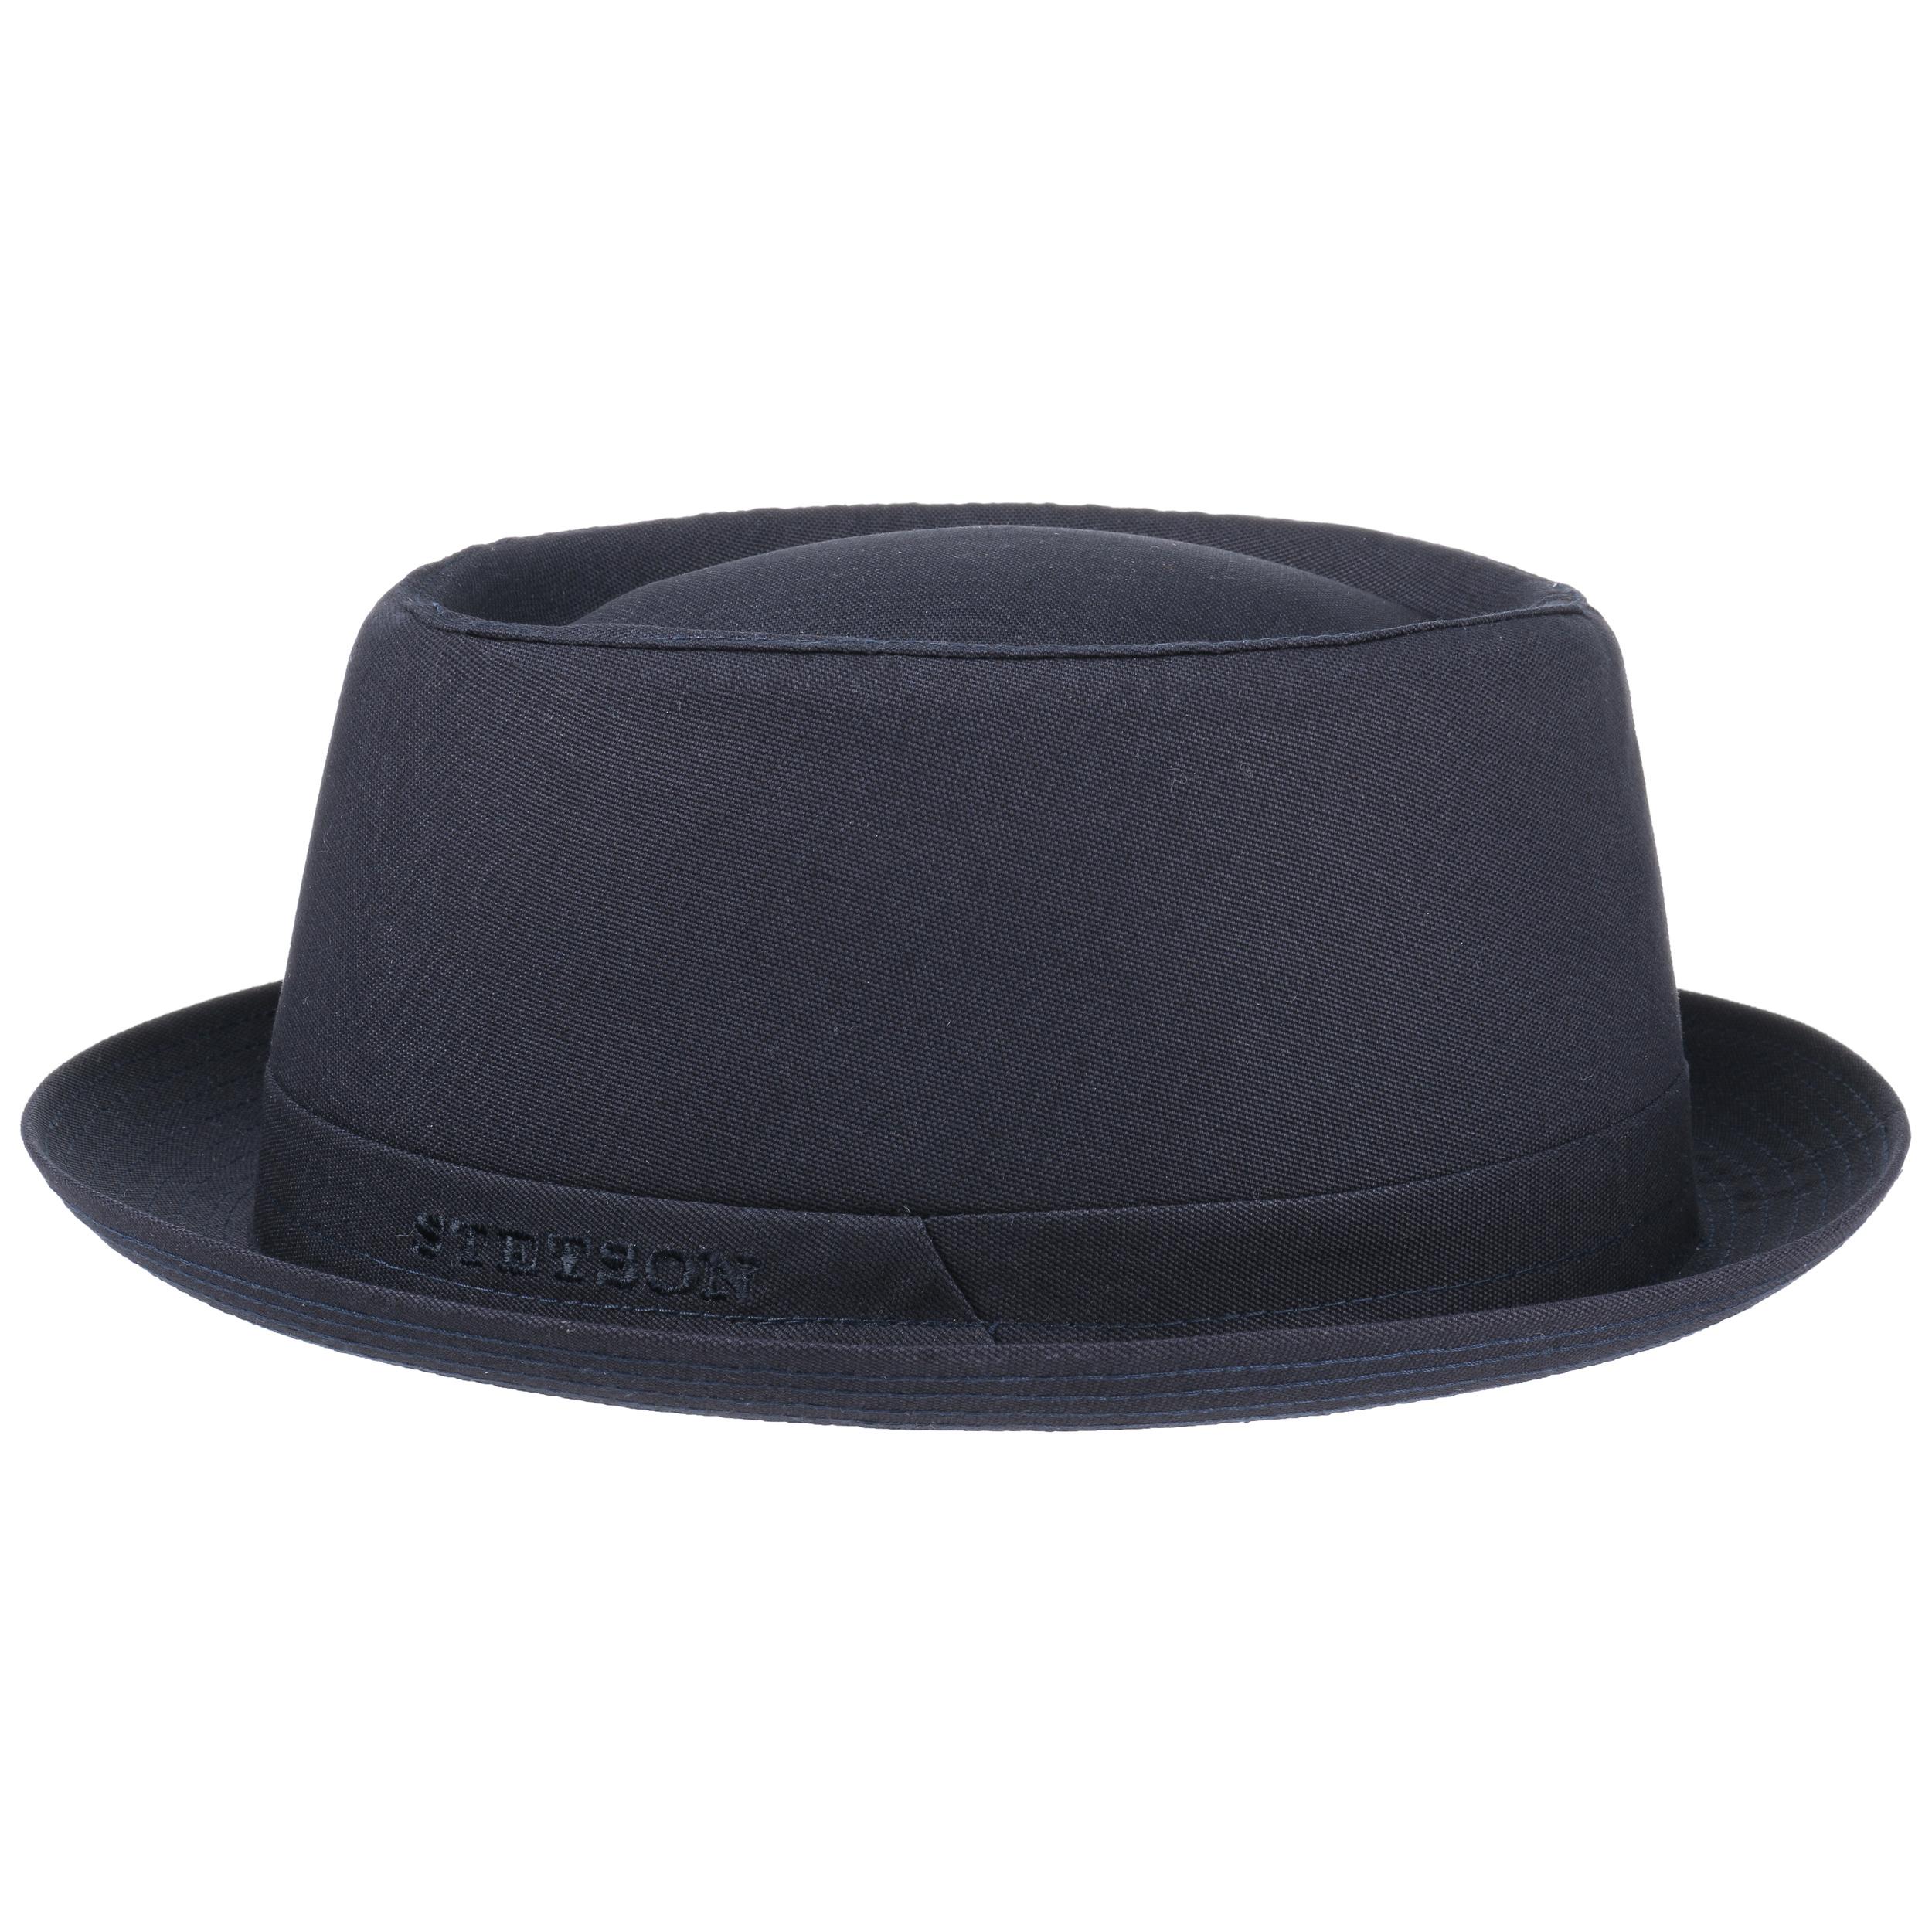 athens cotton pork pie hat by stetson eur 59 00 hats caps beanies shop online. Black Bedroom Furniture Sets. Home Design Ideas